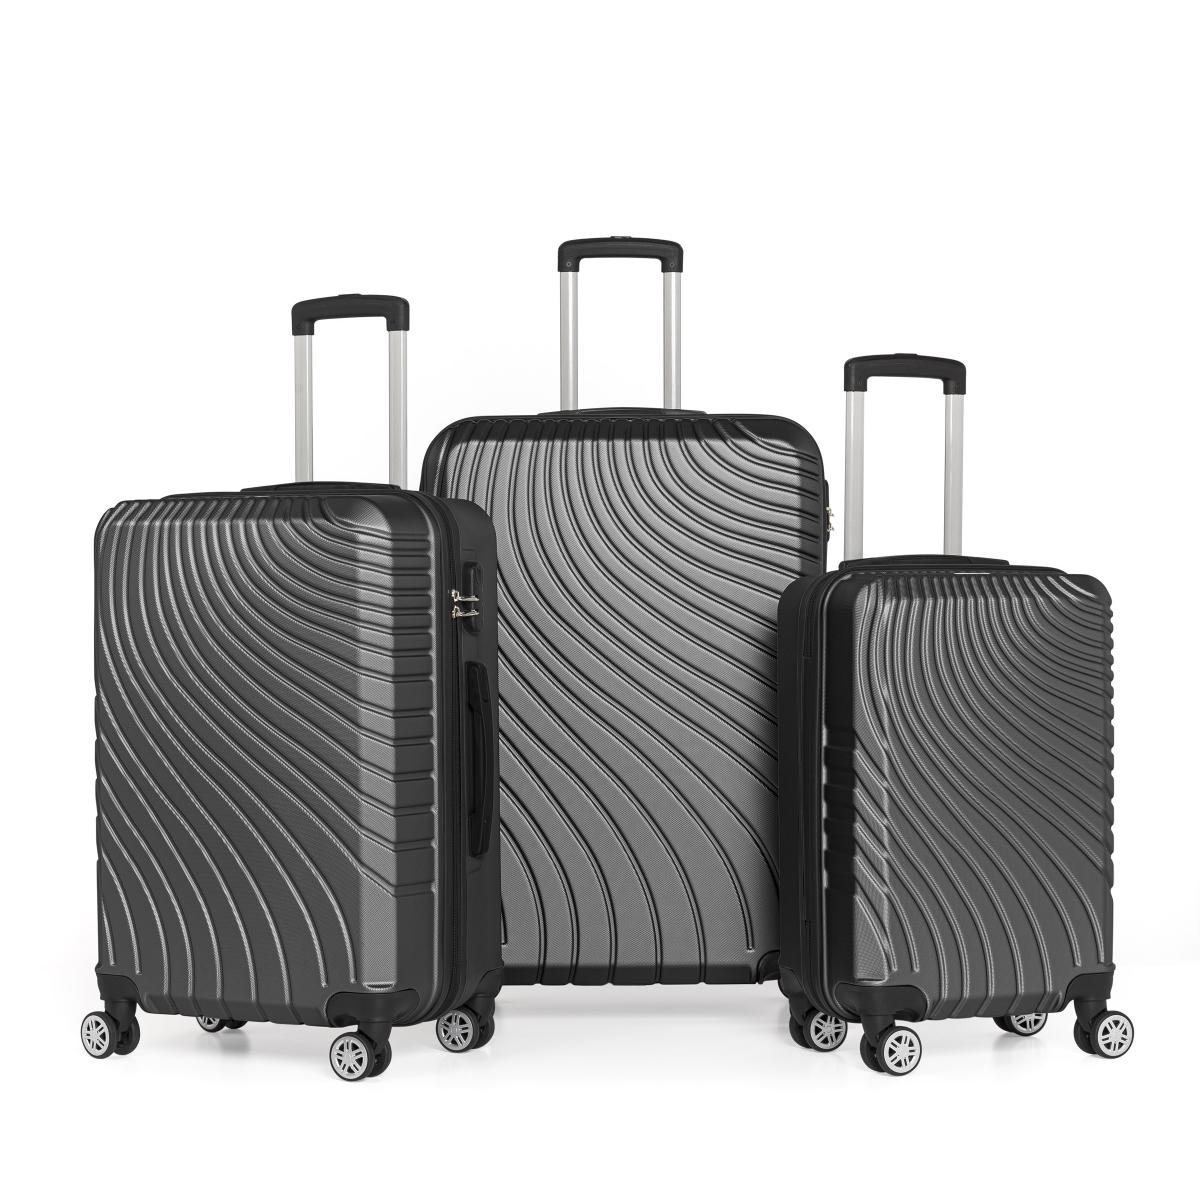 Gedox Abs 3'lü Valiz Seyahat Seti - Model:700.01 Siyah